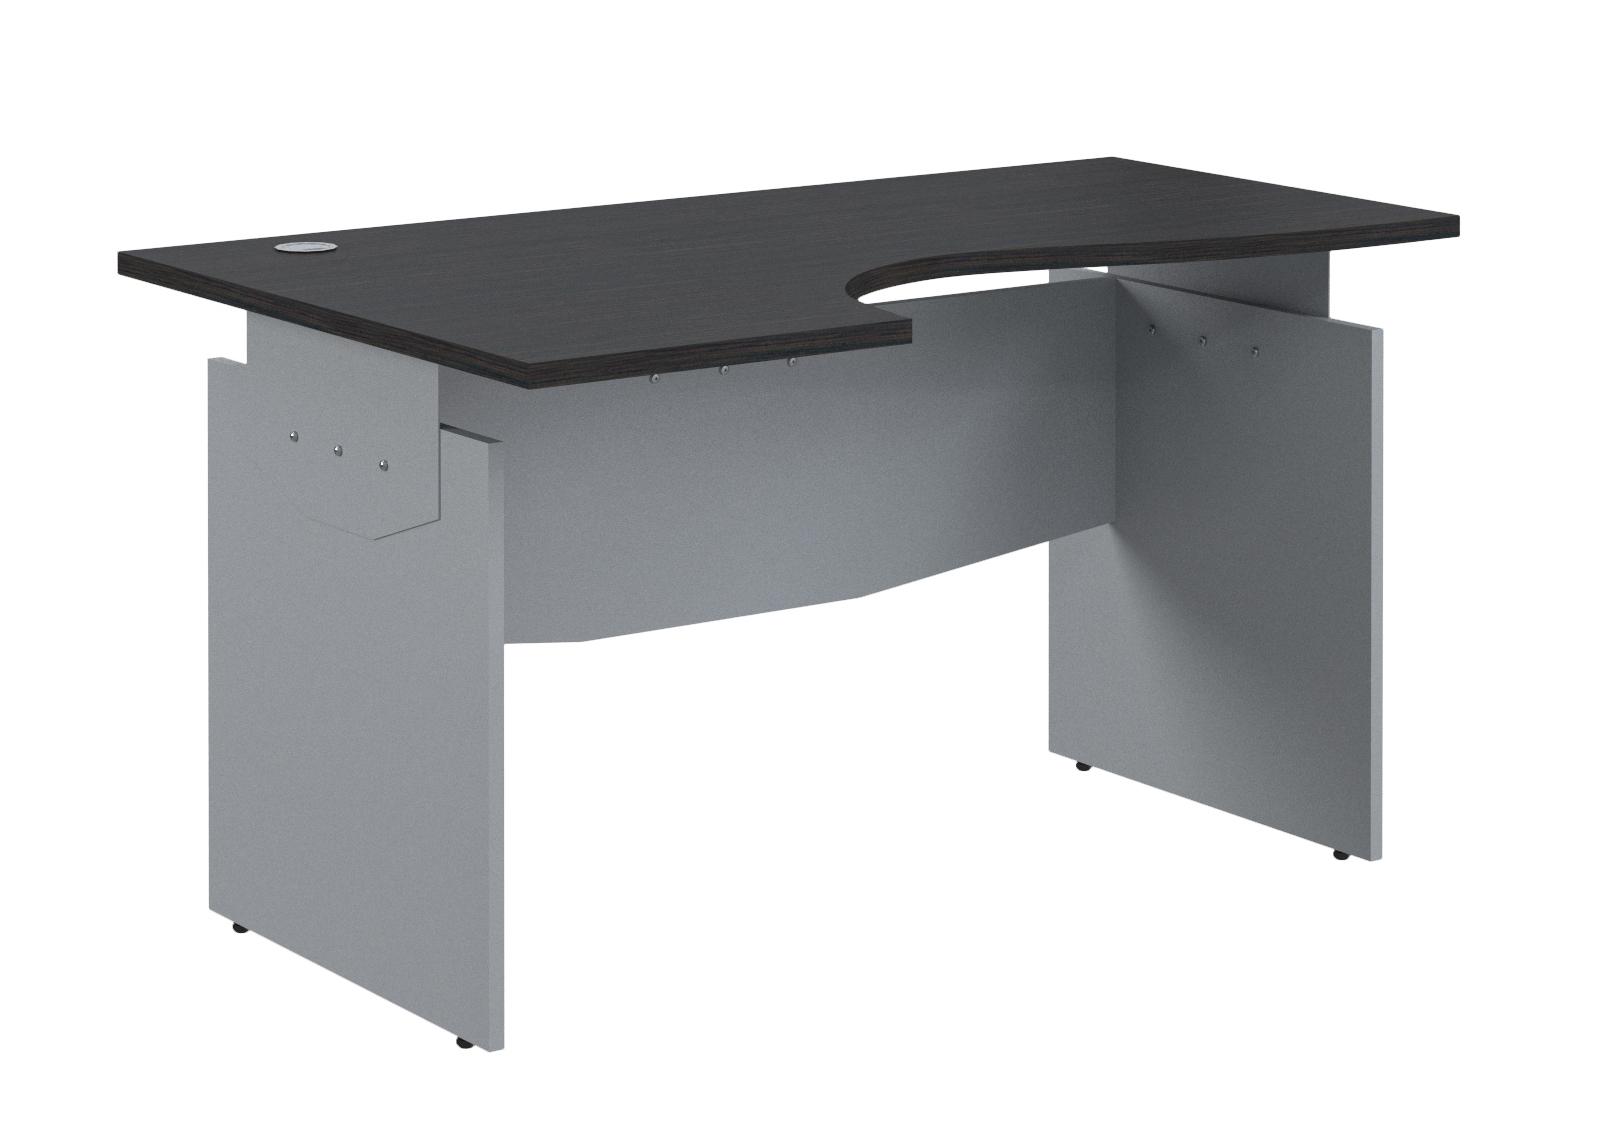 Työpöytä Offix-New 140 cm